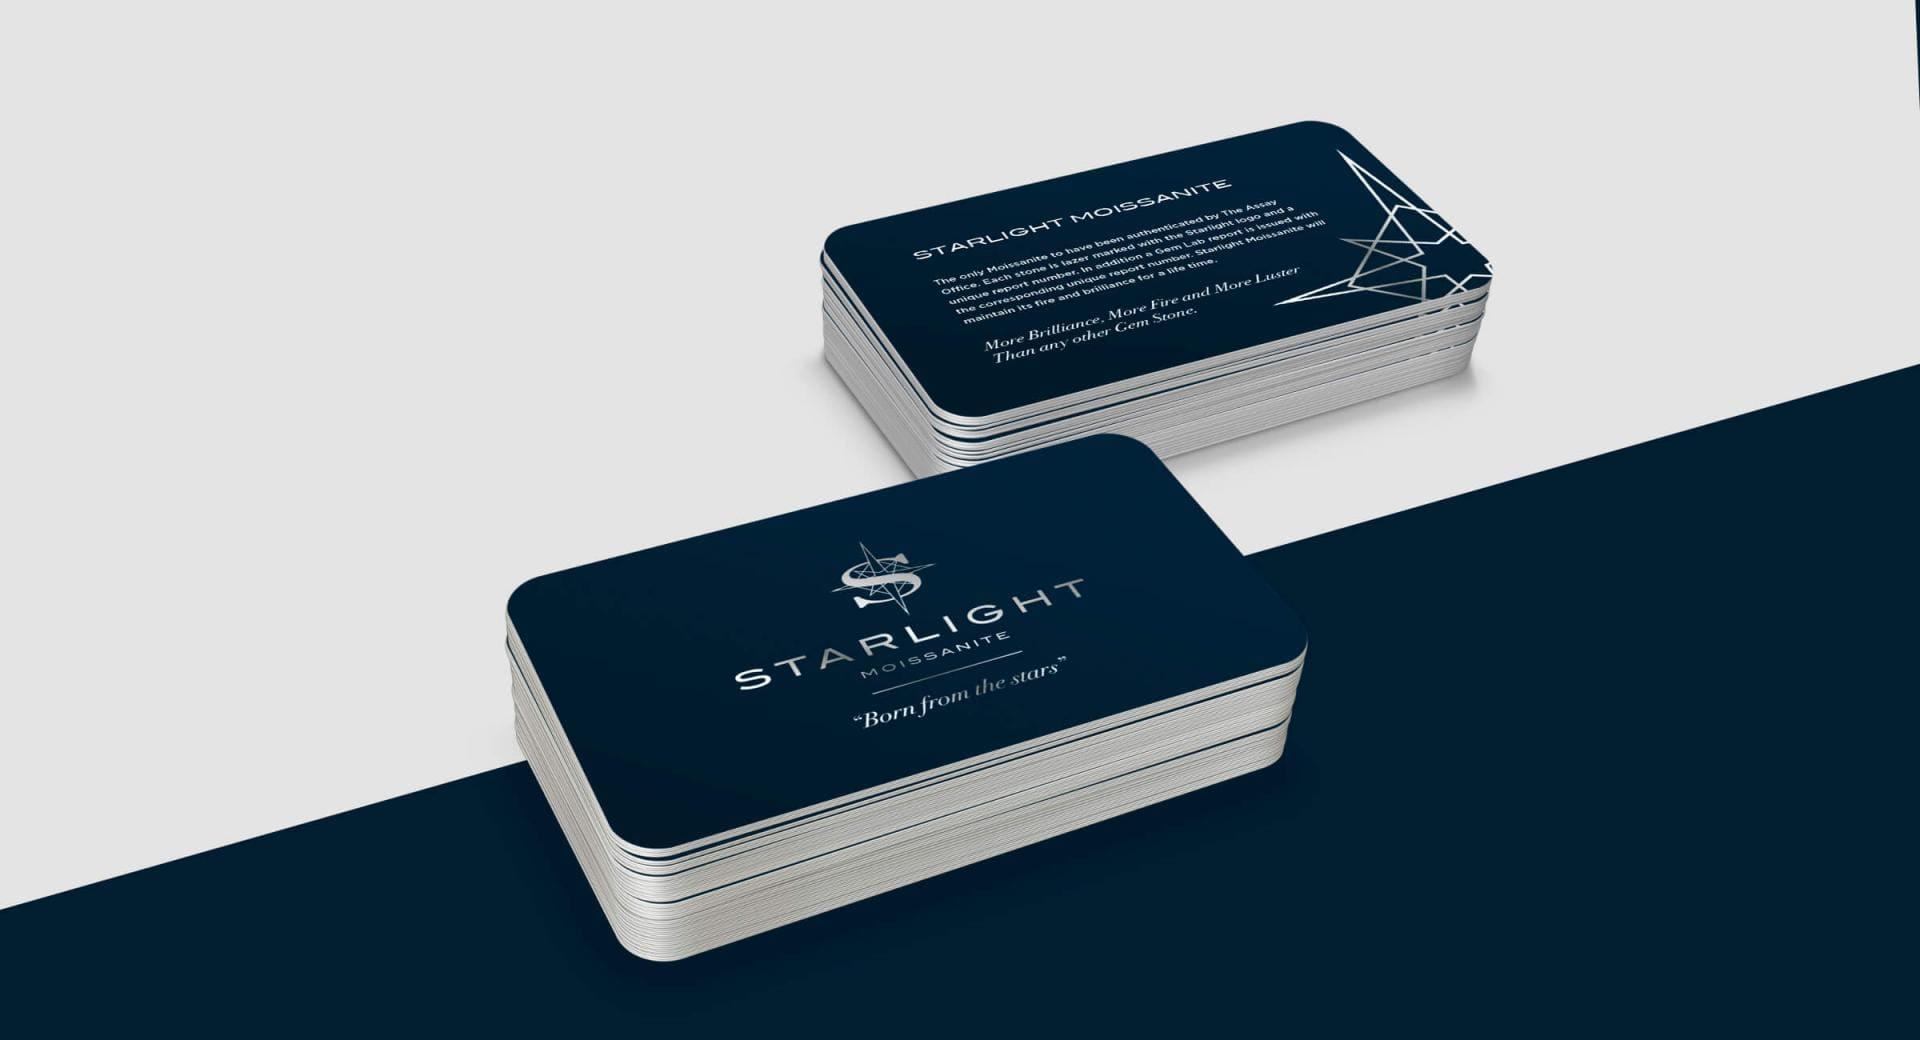 Starlight Moissanite Business Card